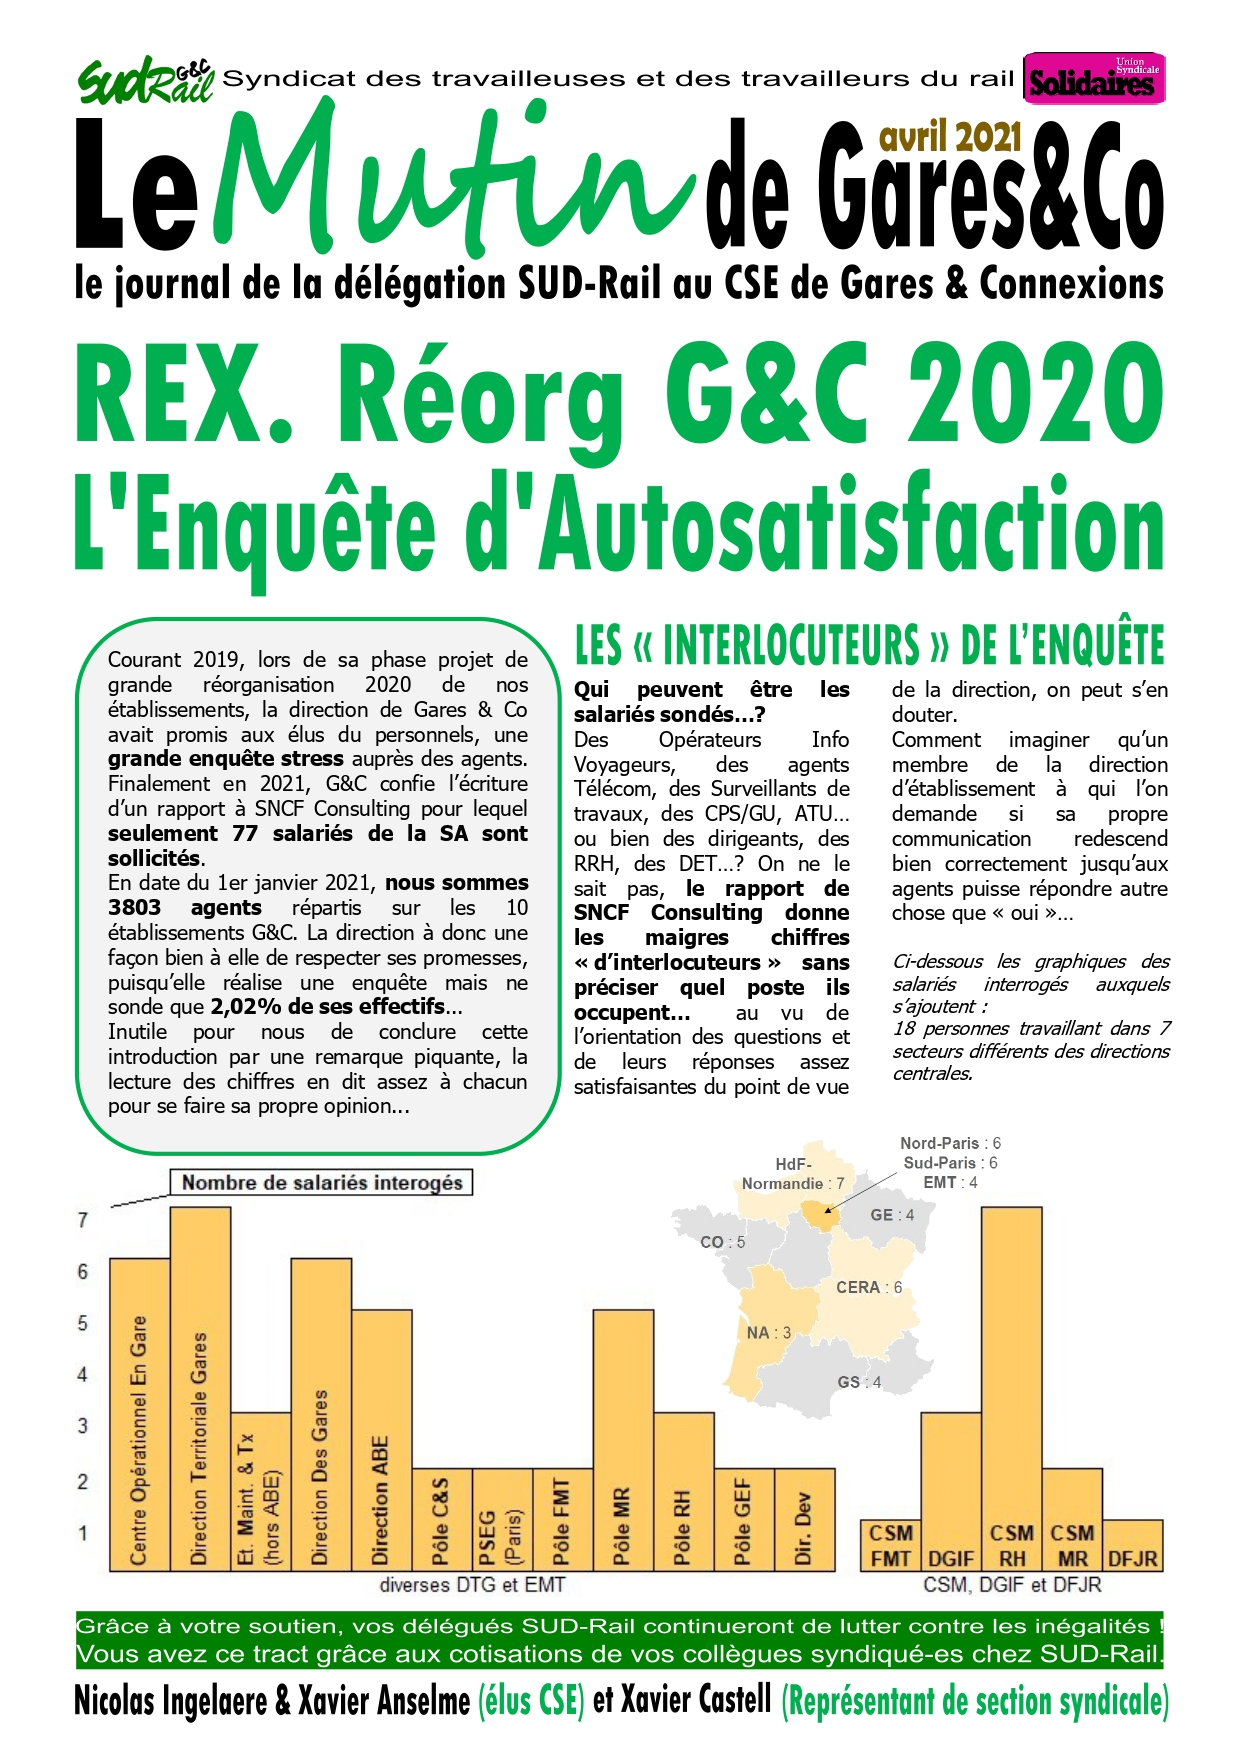 Rex réorg. g&c 2020: l'enquête d'autosatisfaction